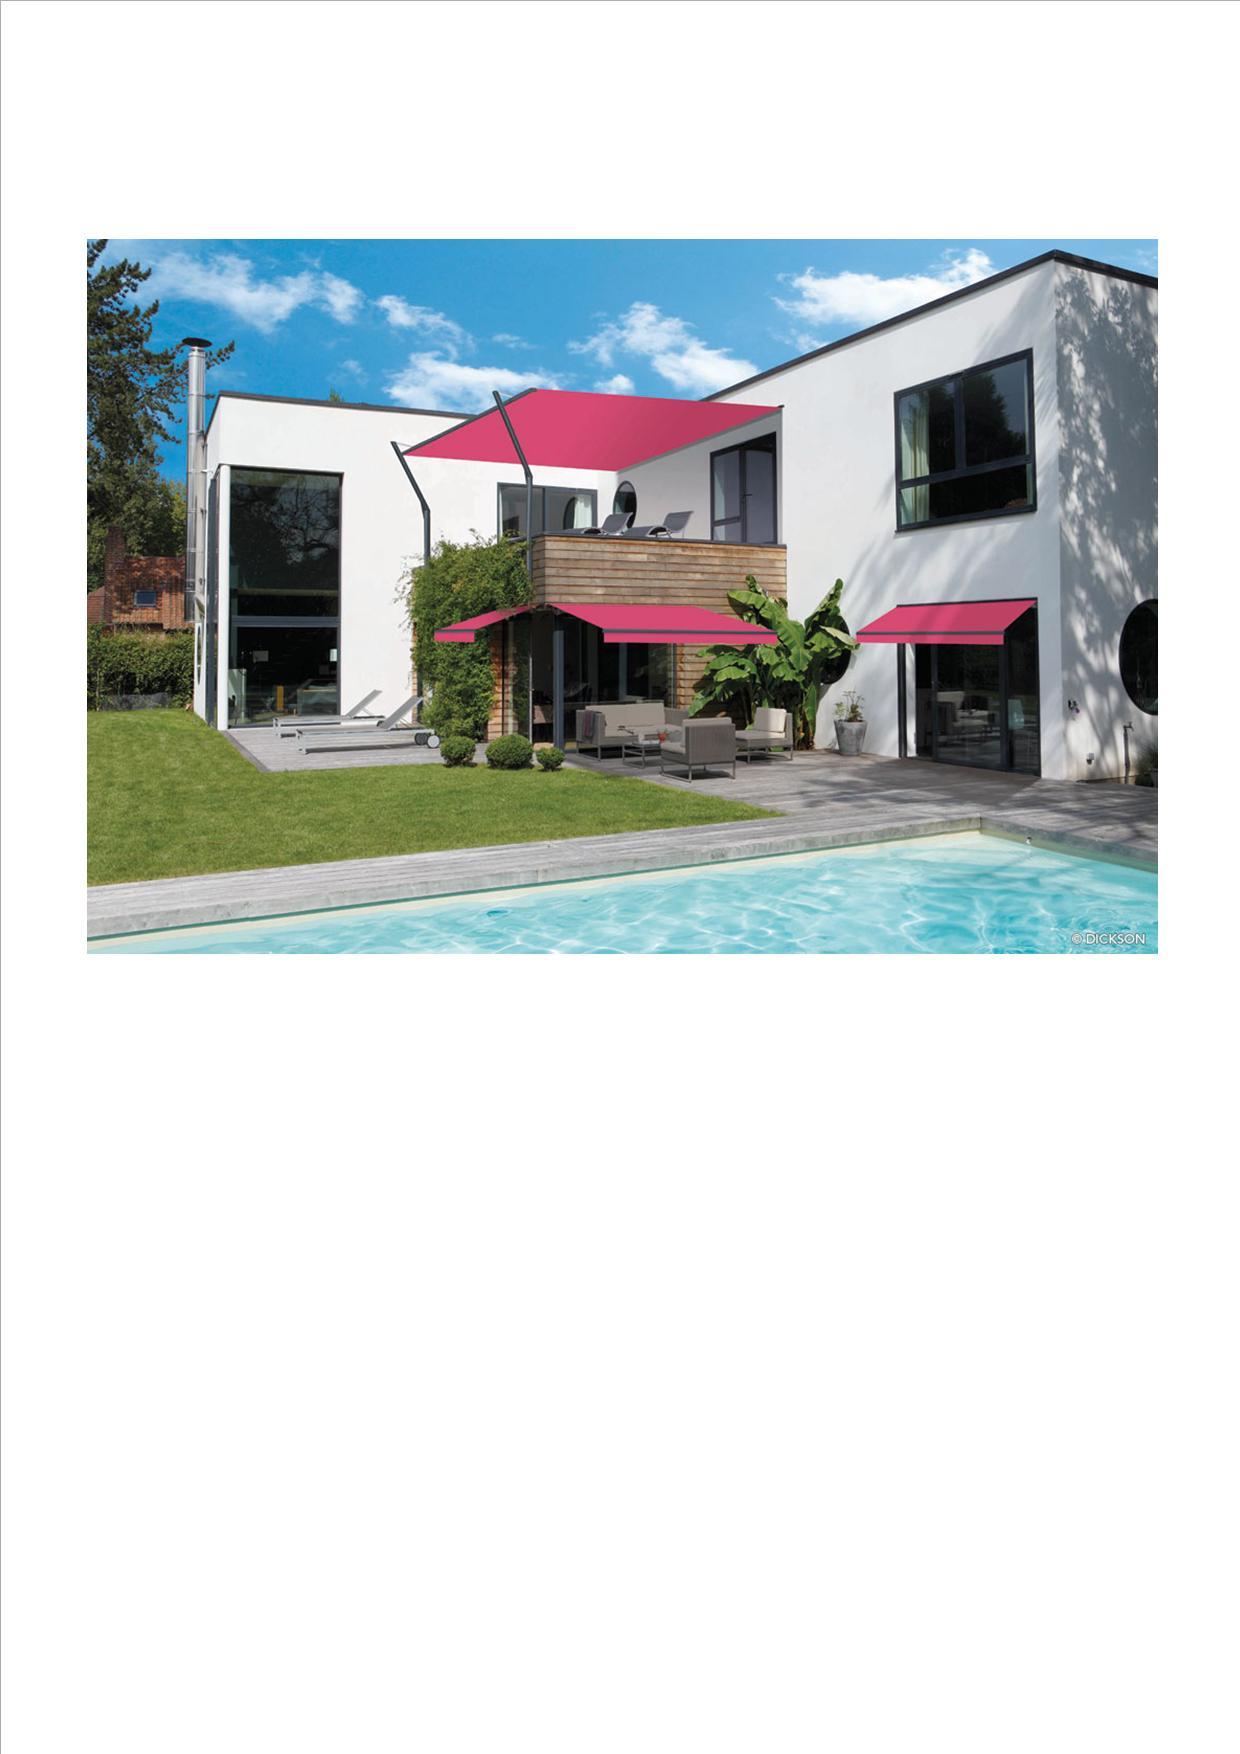 bordeaux voiles r alisation de toiles d ombrages ou. Black Bedroom Furniture Sets. Home Design Ideas